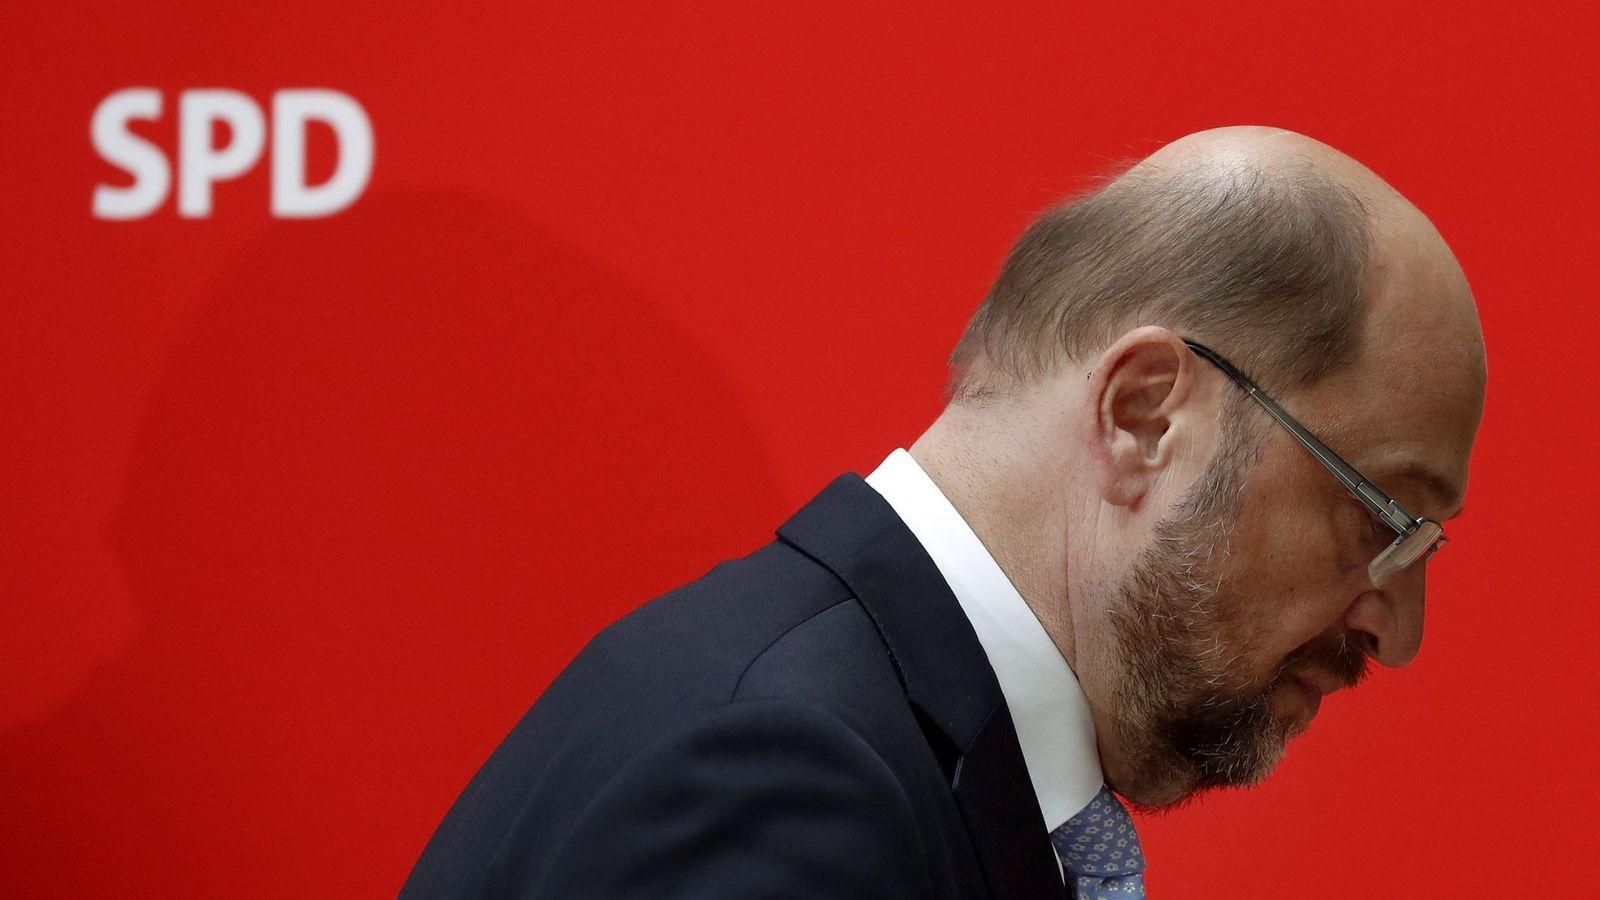 Foto:  El candidato socialdemócrata a la Cancillería, Martin Schulz. (EFE)